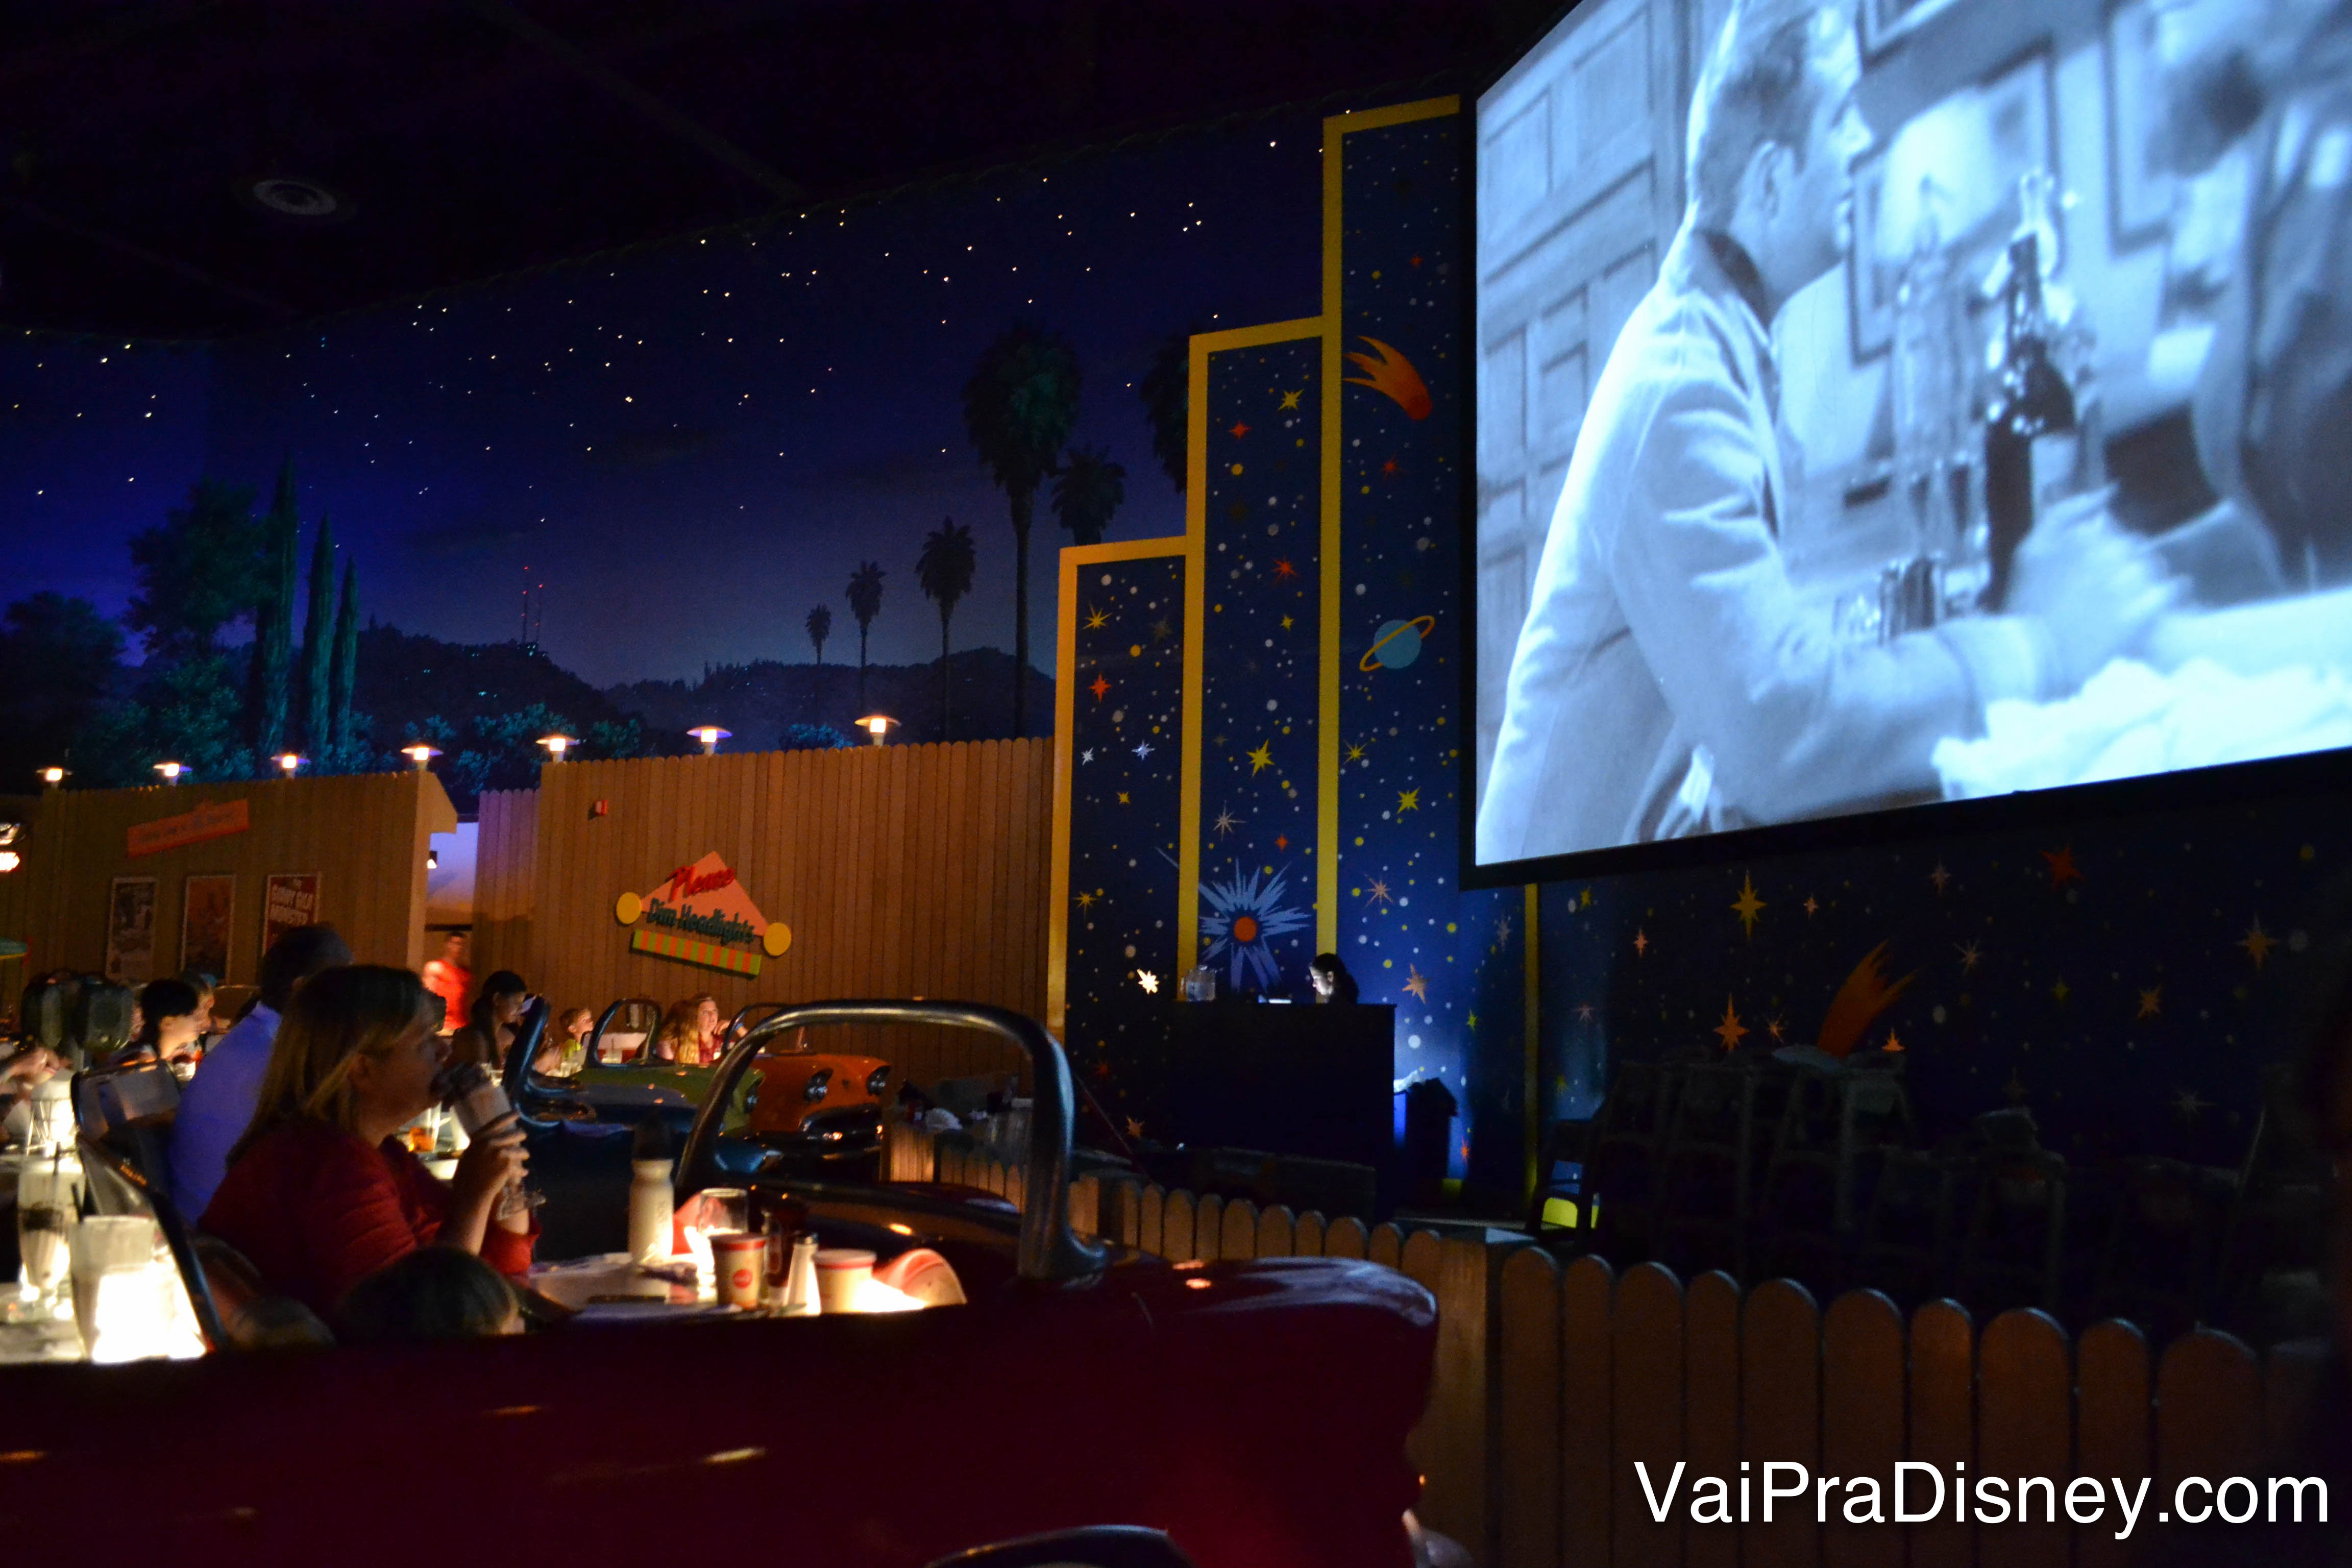 Foto do restaurante, com os carros antigos e a tela passando um filme antigo. O ambiente é escuro para imitar um drive-in à noite